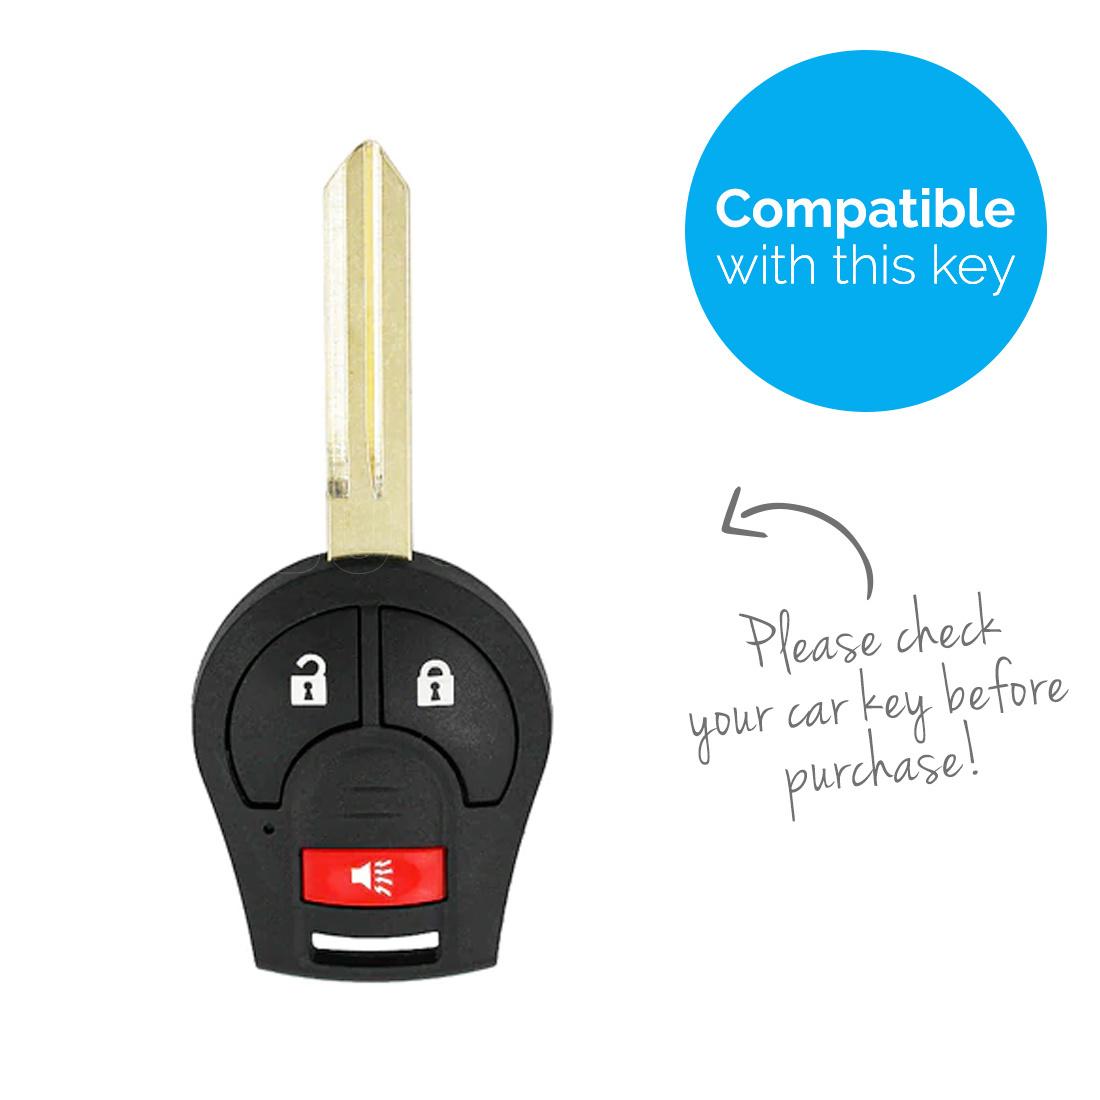 TBU car TBU car Sleutel cover compatibel met Nissan - Silicone sleutelhoesje - beschermhoesje autosleutel - Fluor Roze